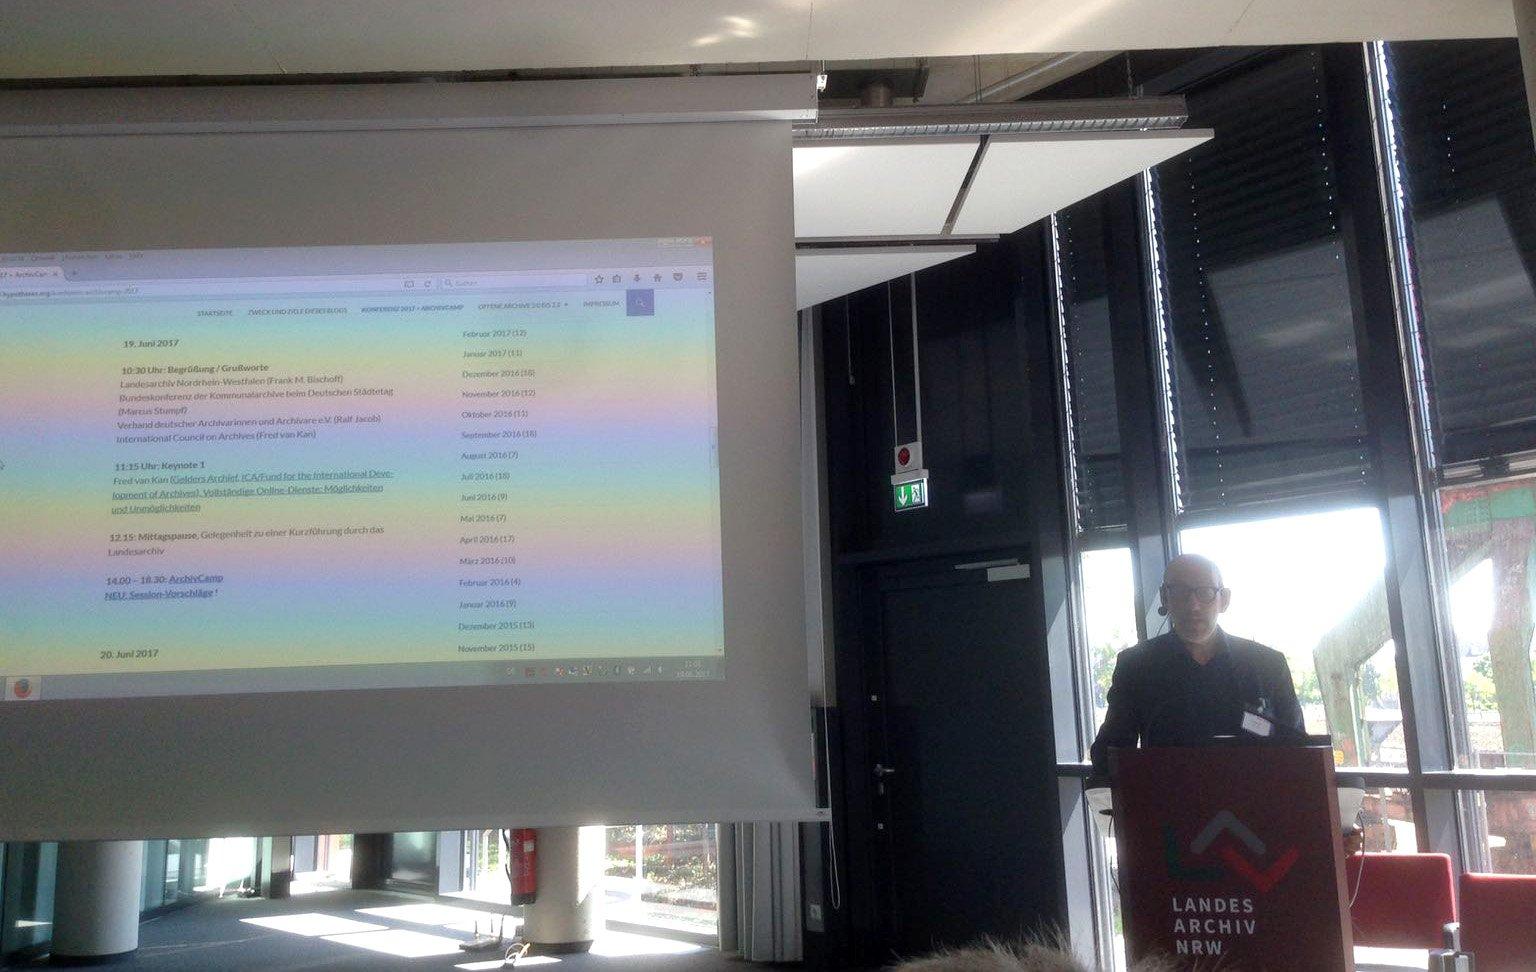 Directeur Fred van Kan spreekt over de mogelijkheden en onmogelijkheden van e-dienstverlening #archiv20 #archivcamp https://t.co/bgGC13Fq5U